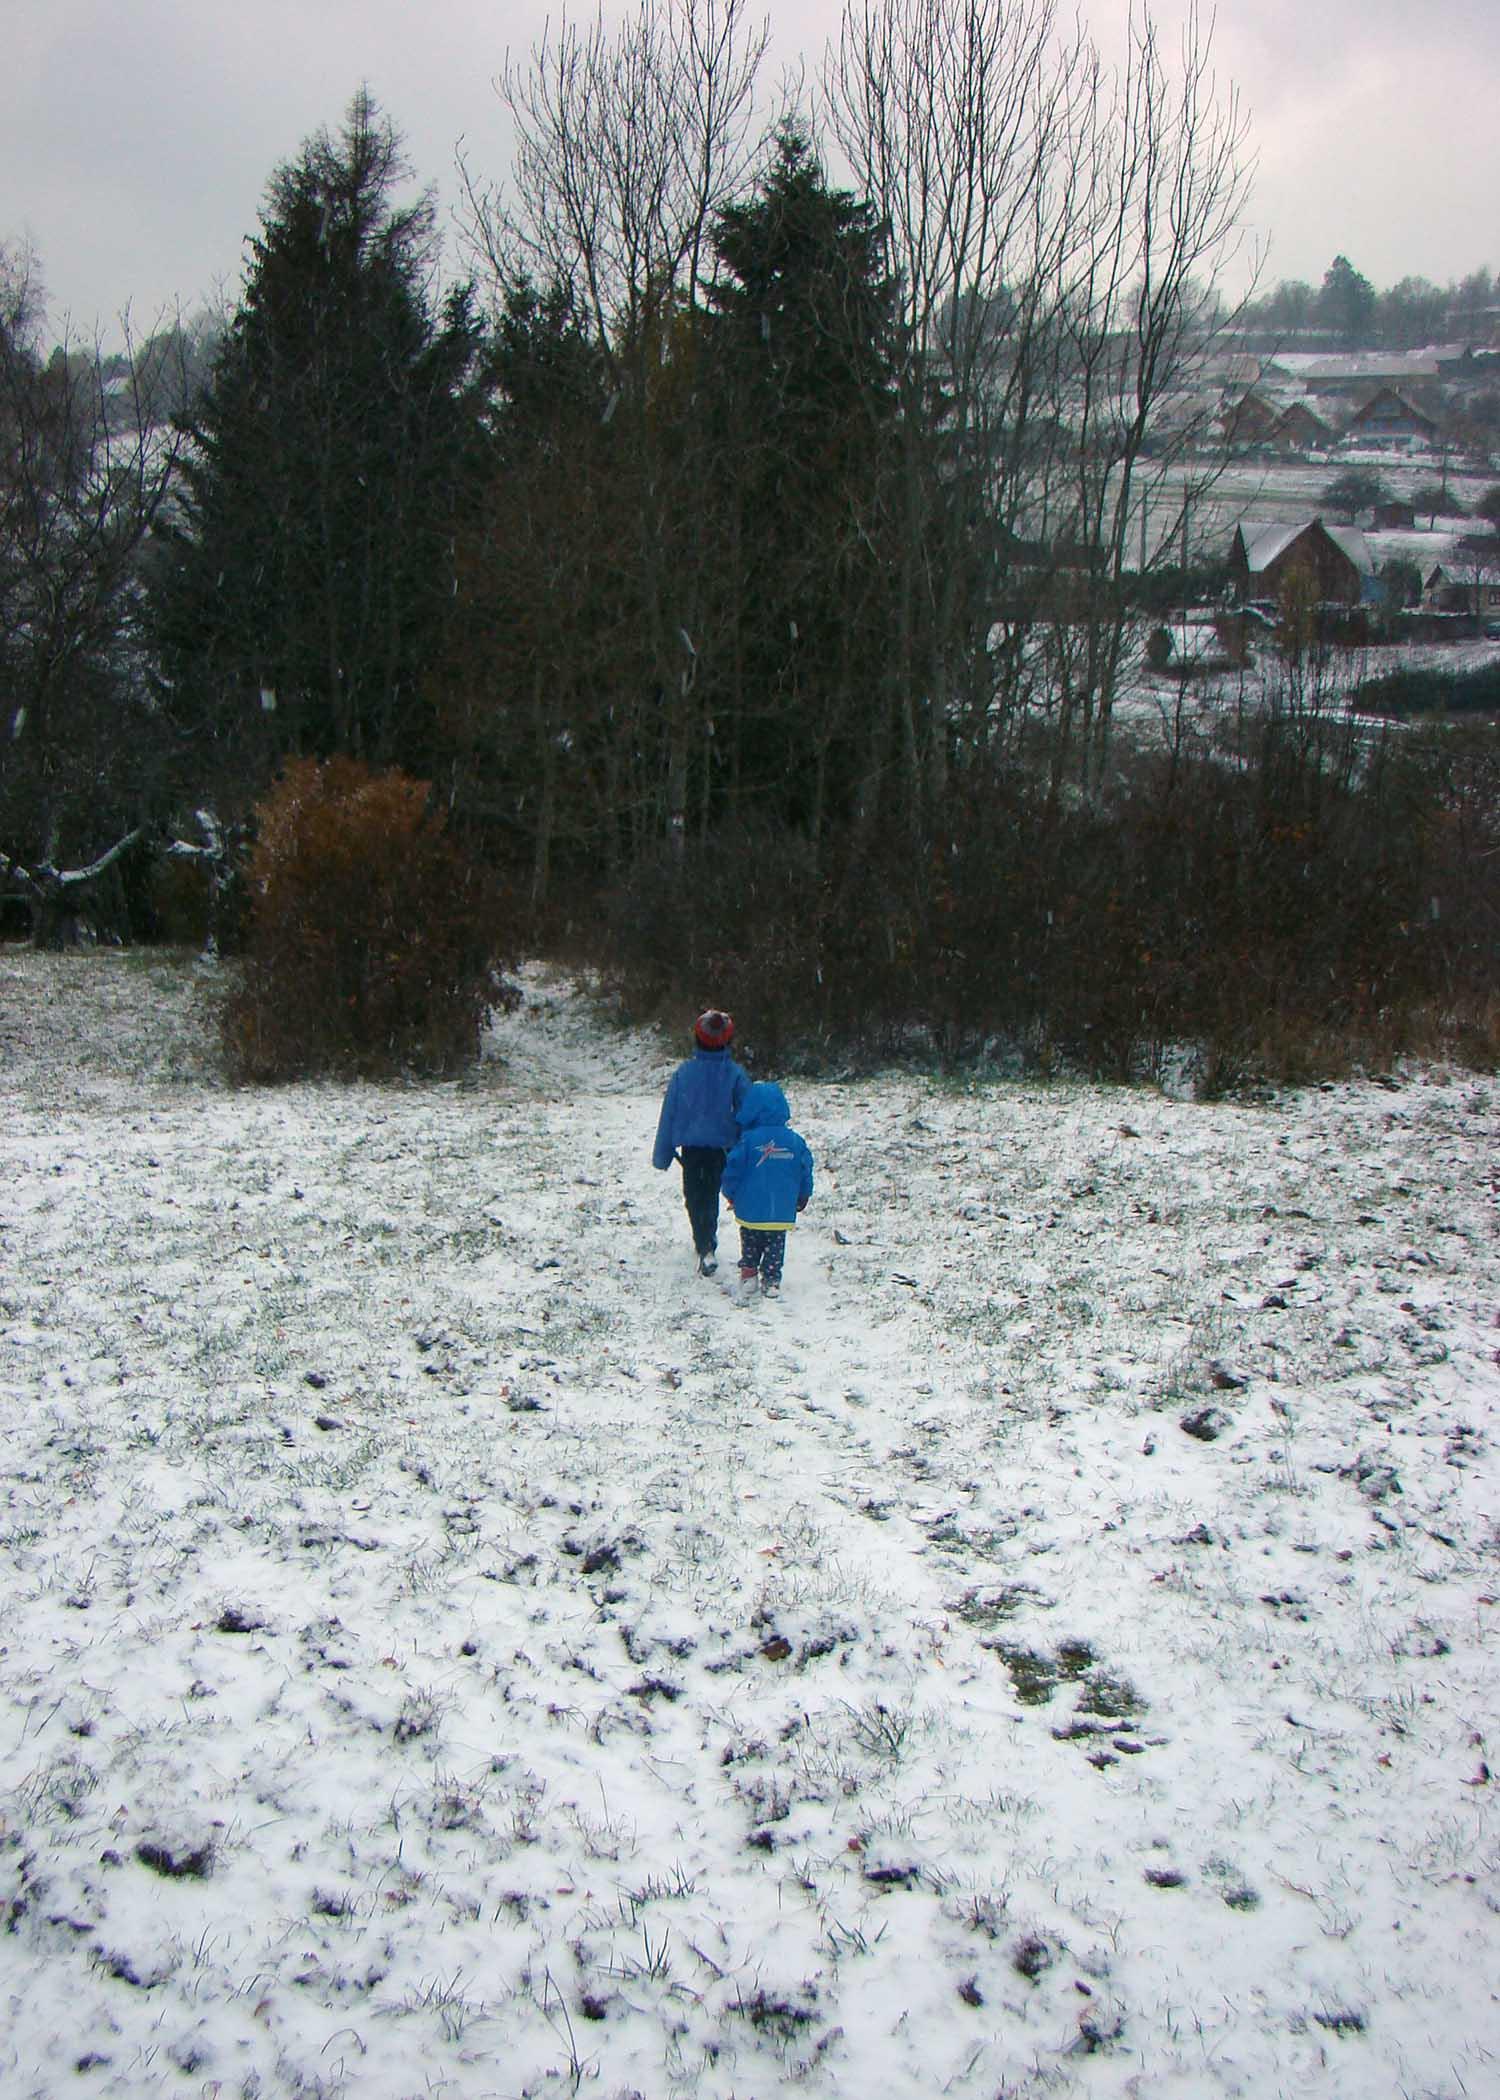 SandD_in_snowy_path.jpg